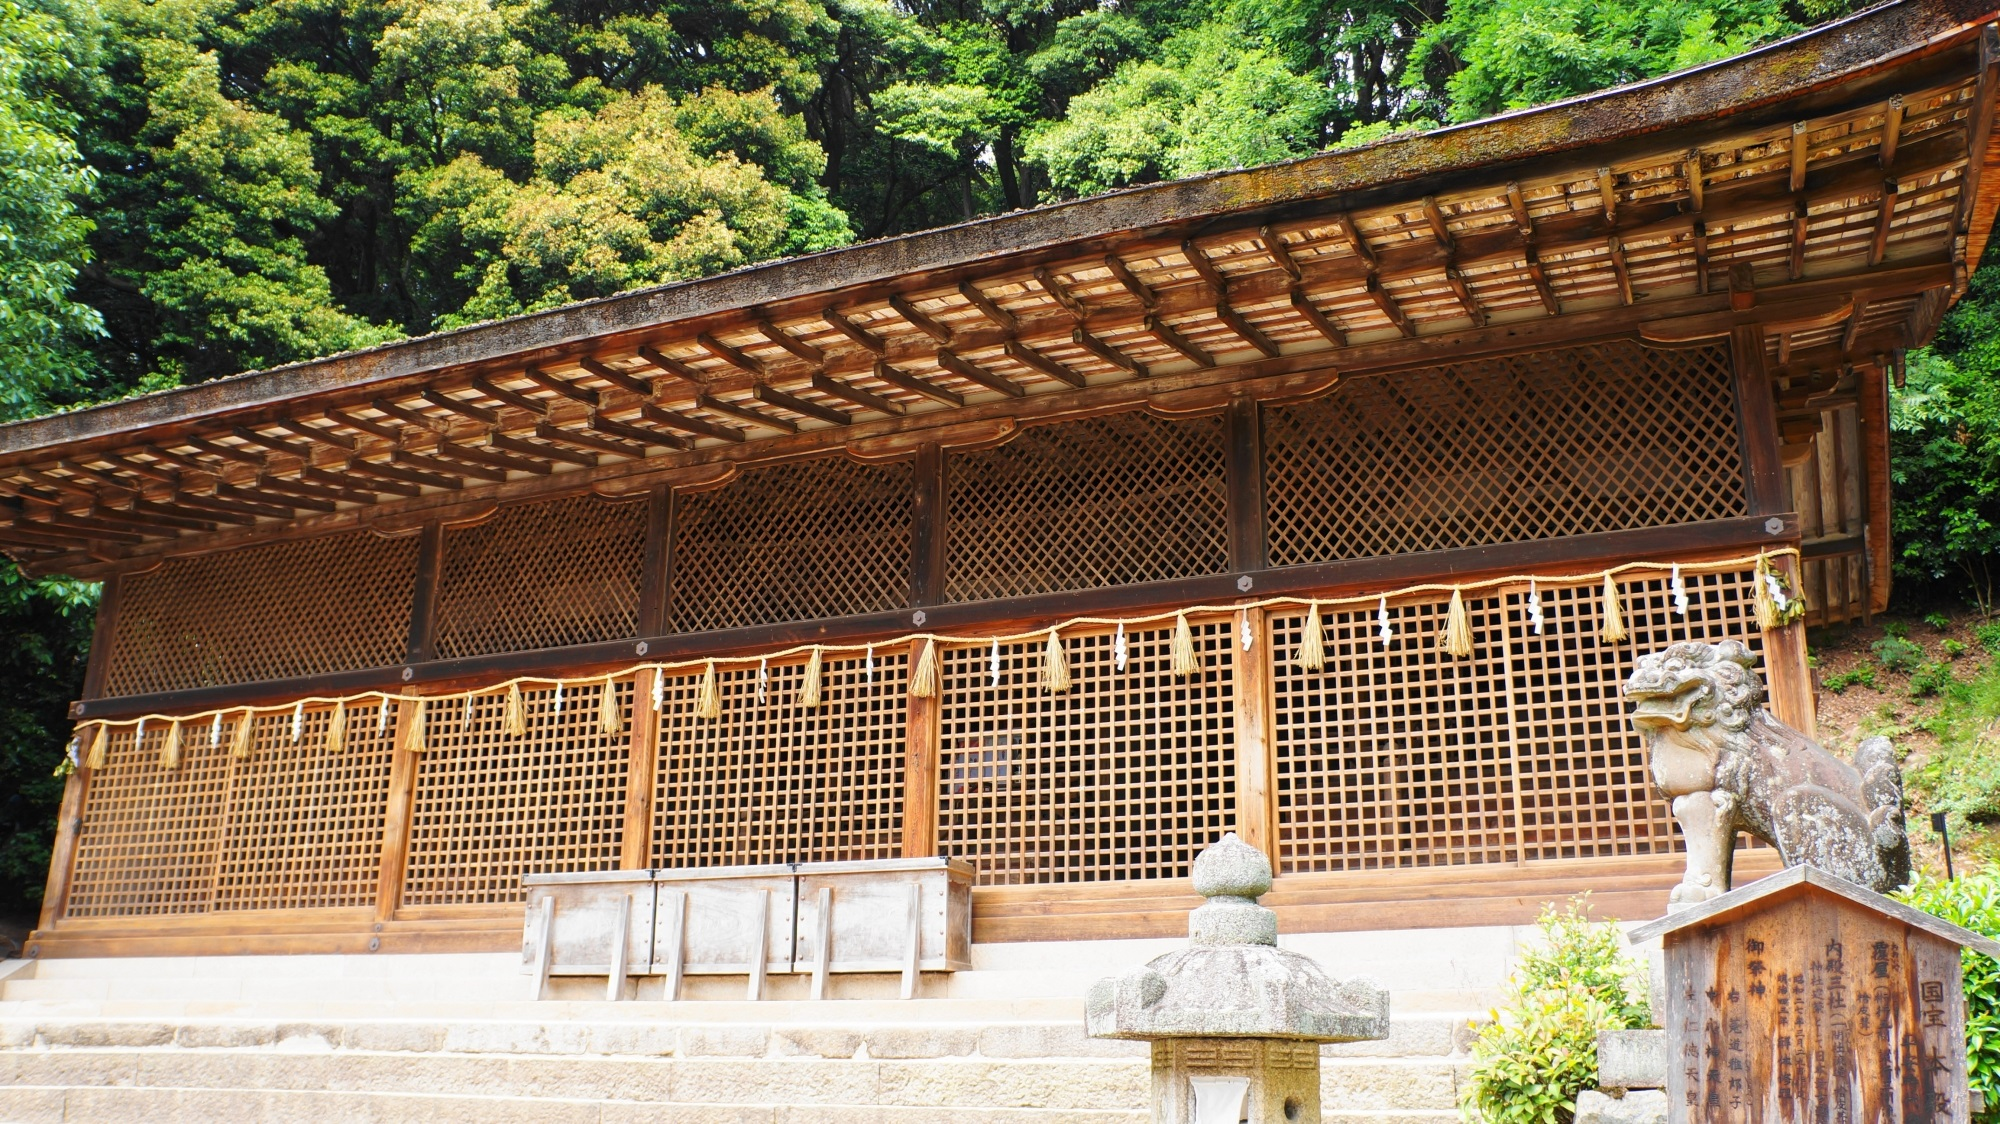 宇治上神社 京都の現存最古の神社建築